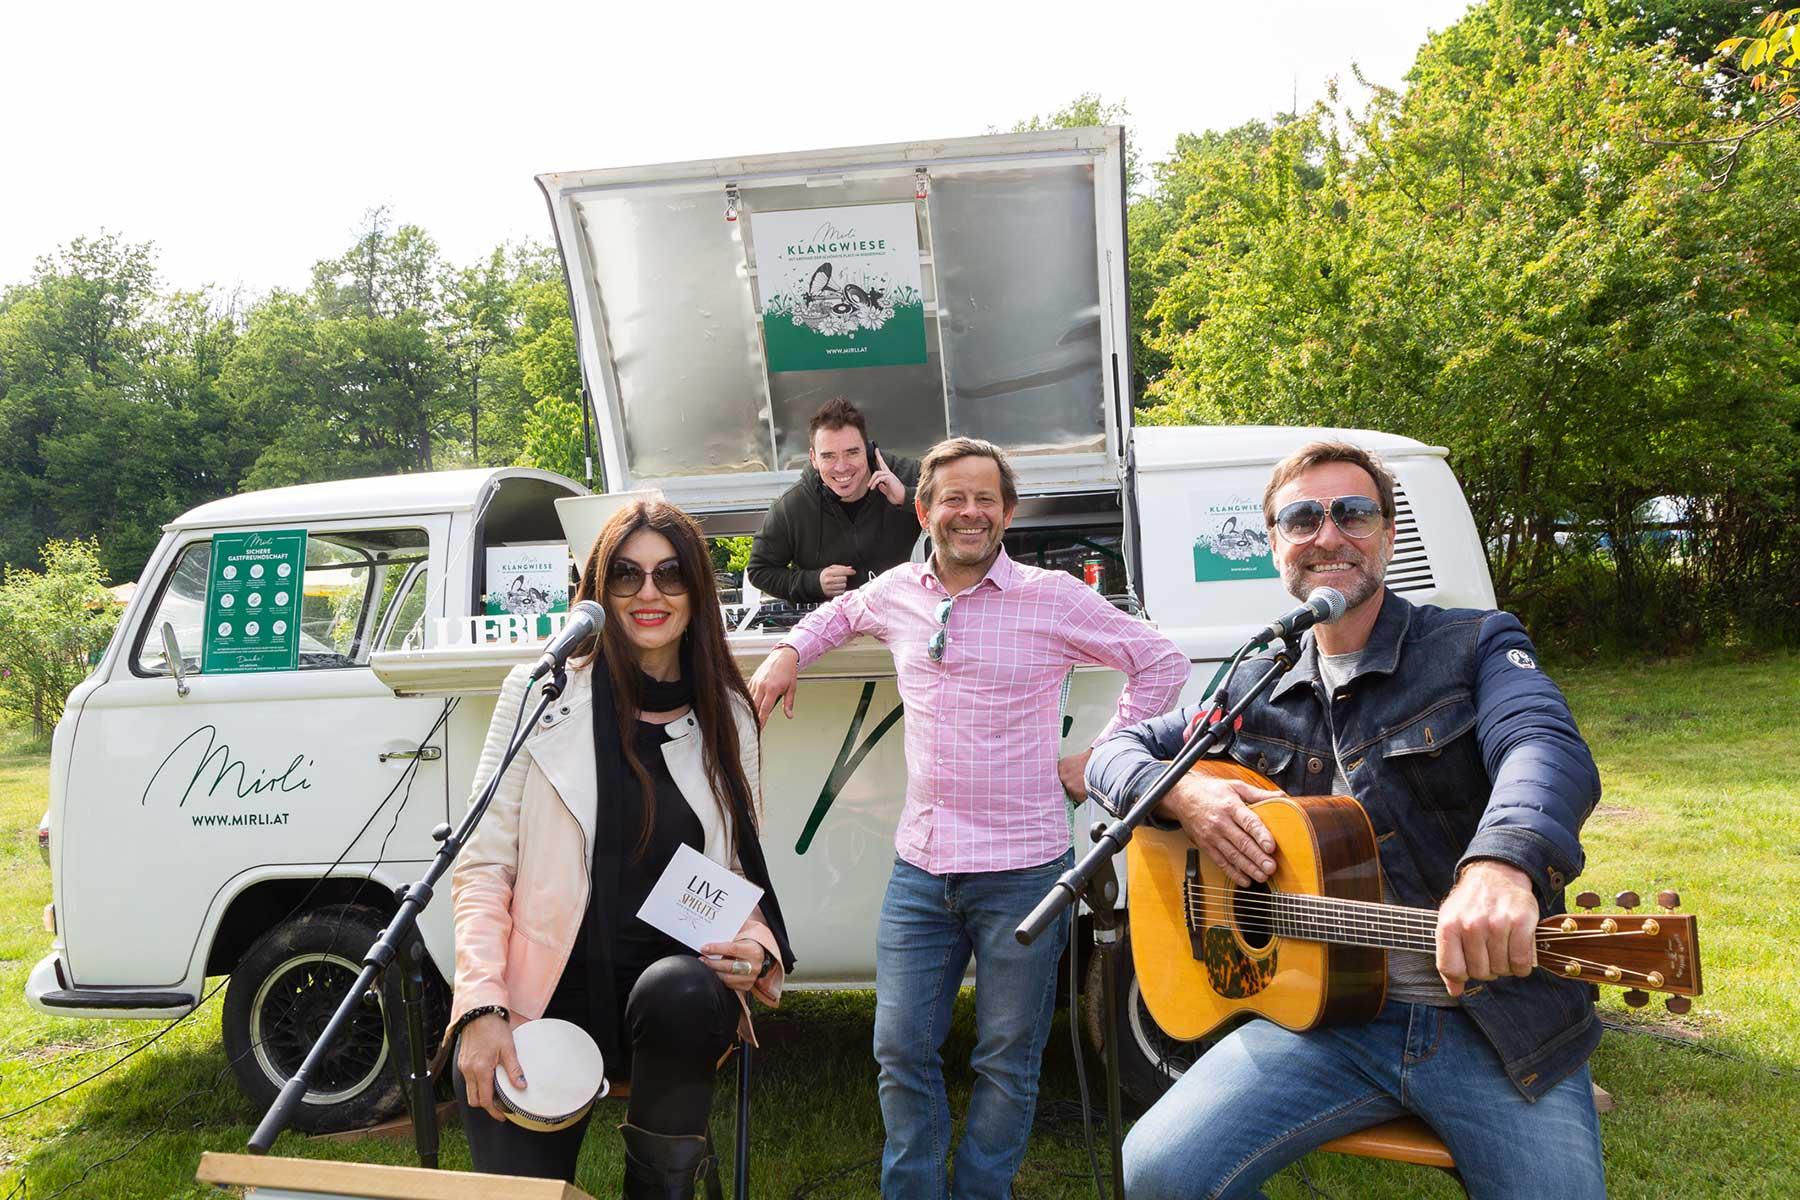 Klangwiese Bus mit Monika Ballwein, Alexander Zoubek, Andi Gabauer und DJ Stari